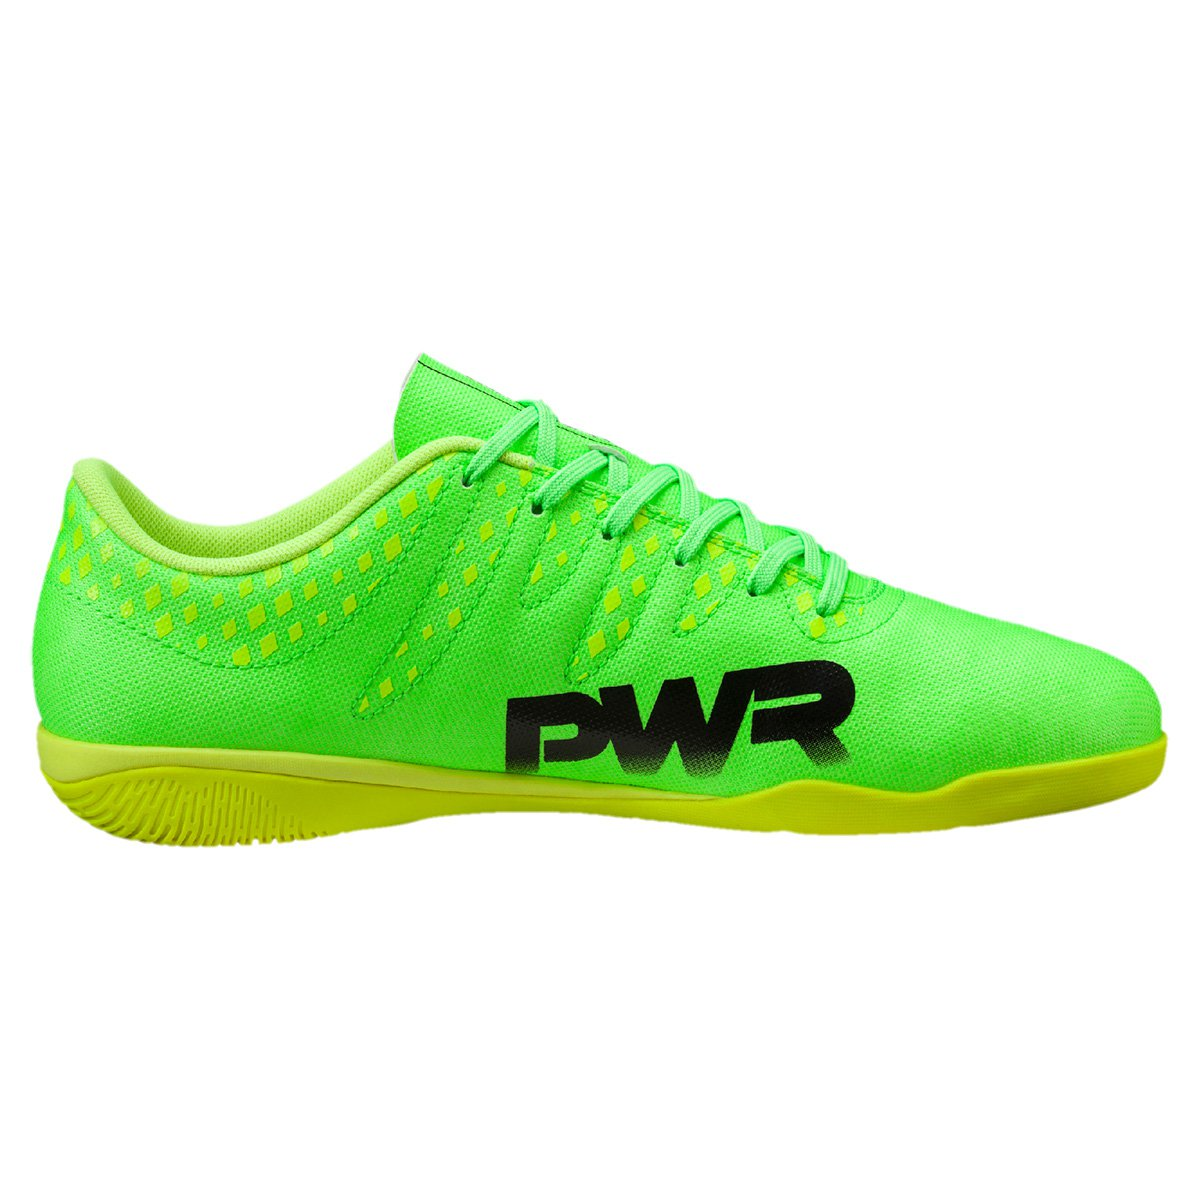 fadd002a767ed ... Futsal Puma Evopower Vigor 4 IT - Verde Limão+Preto. FEMININO  OFERTAS   OPEC